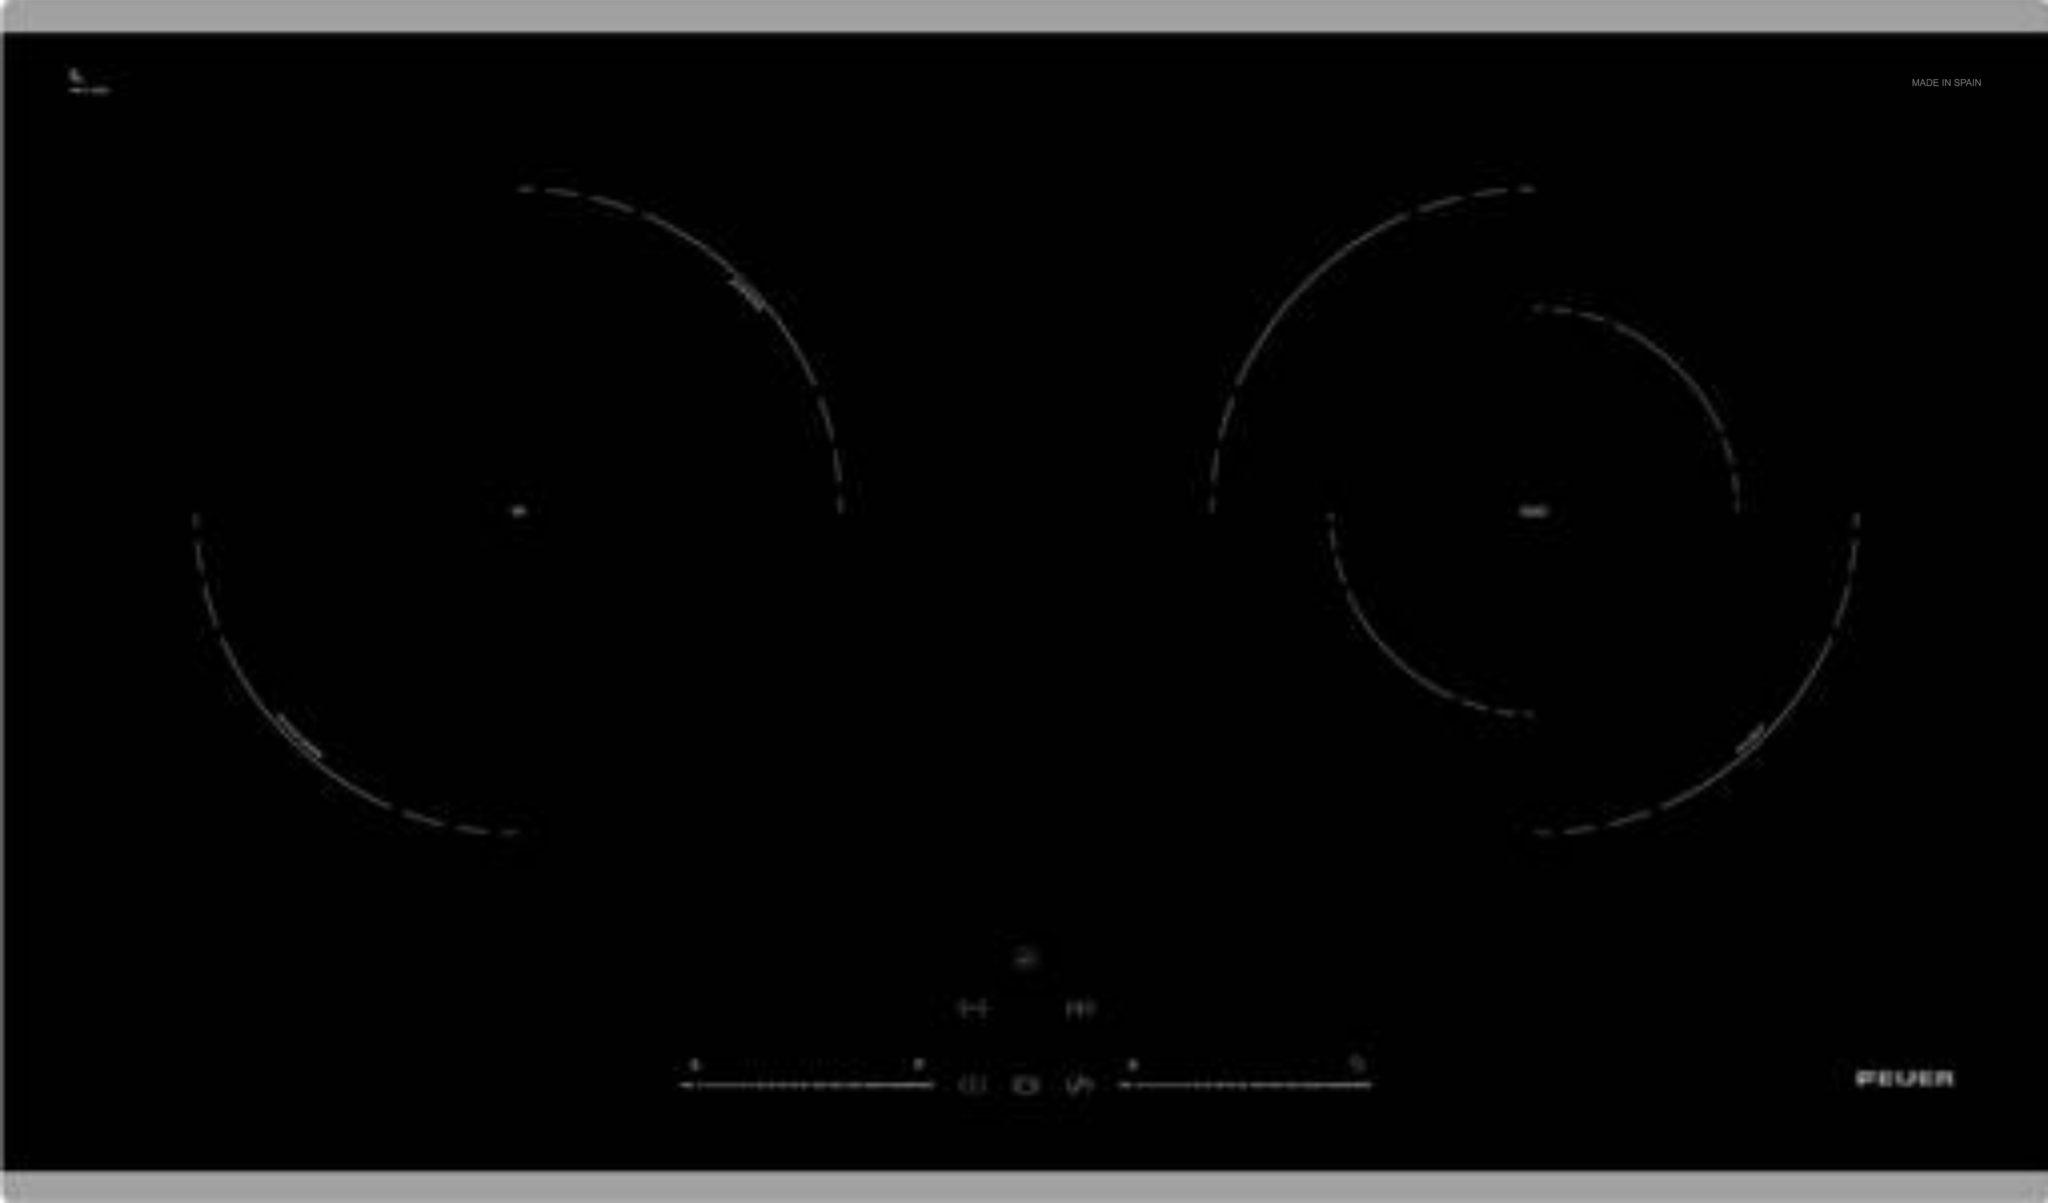 Bếp điện Từ đôi Kết Hợp FEUER F66 Hi-light